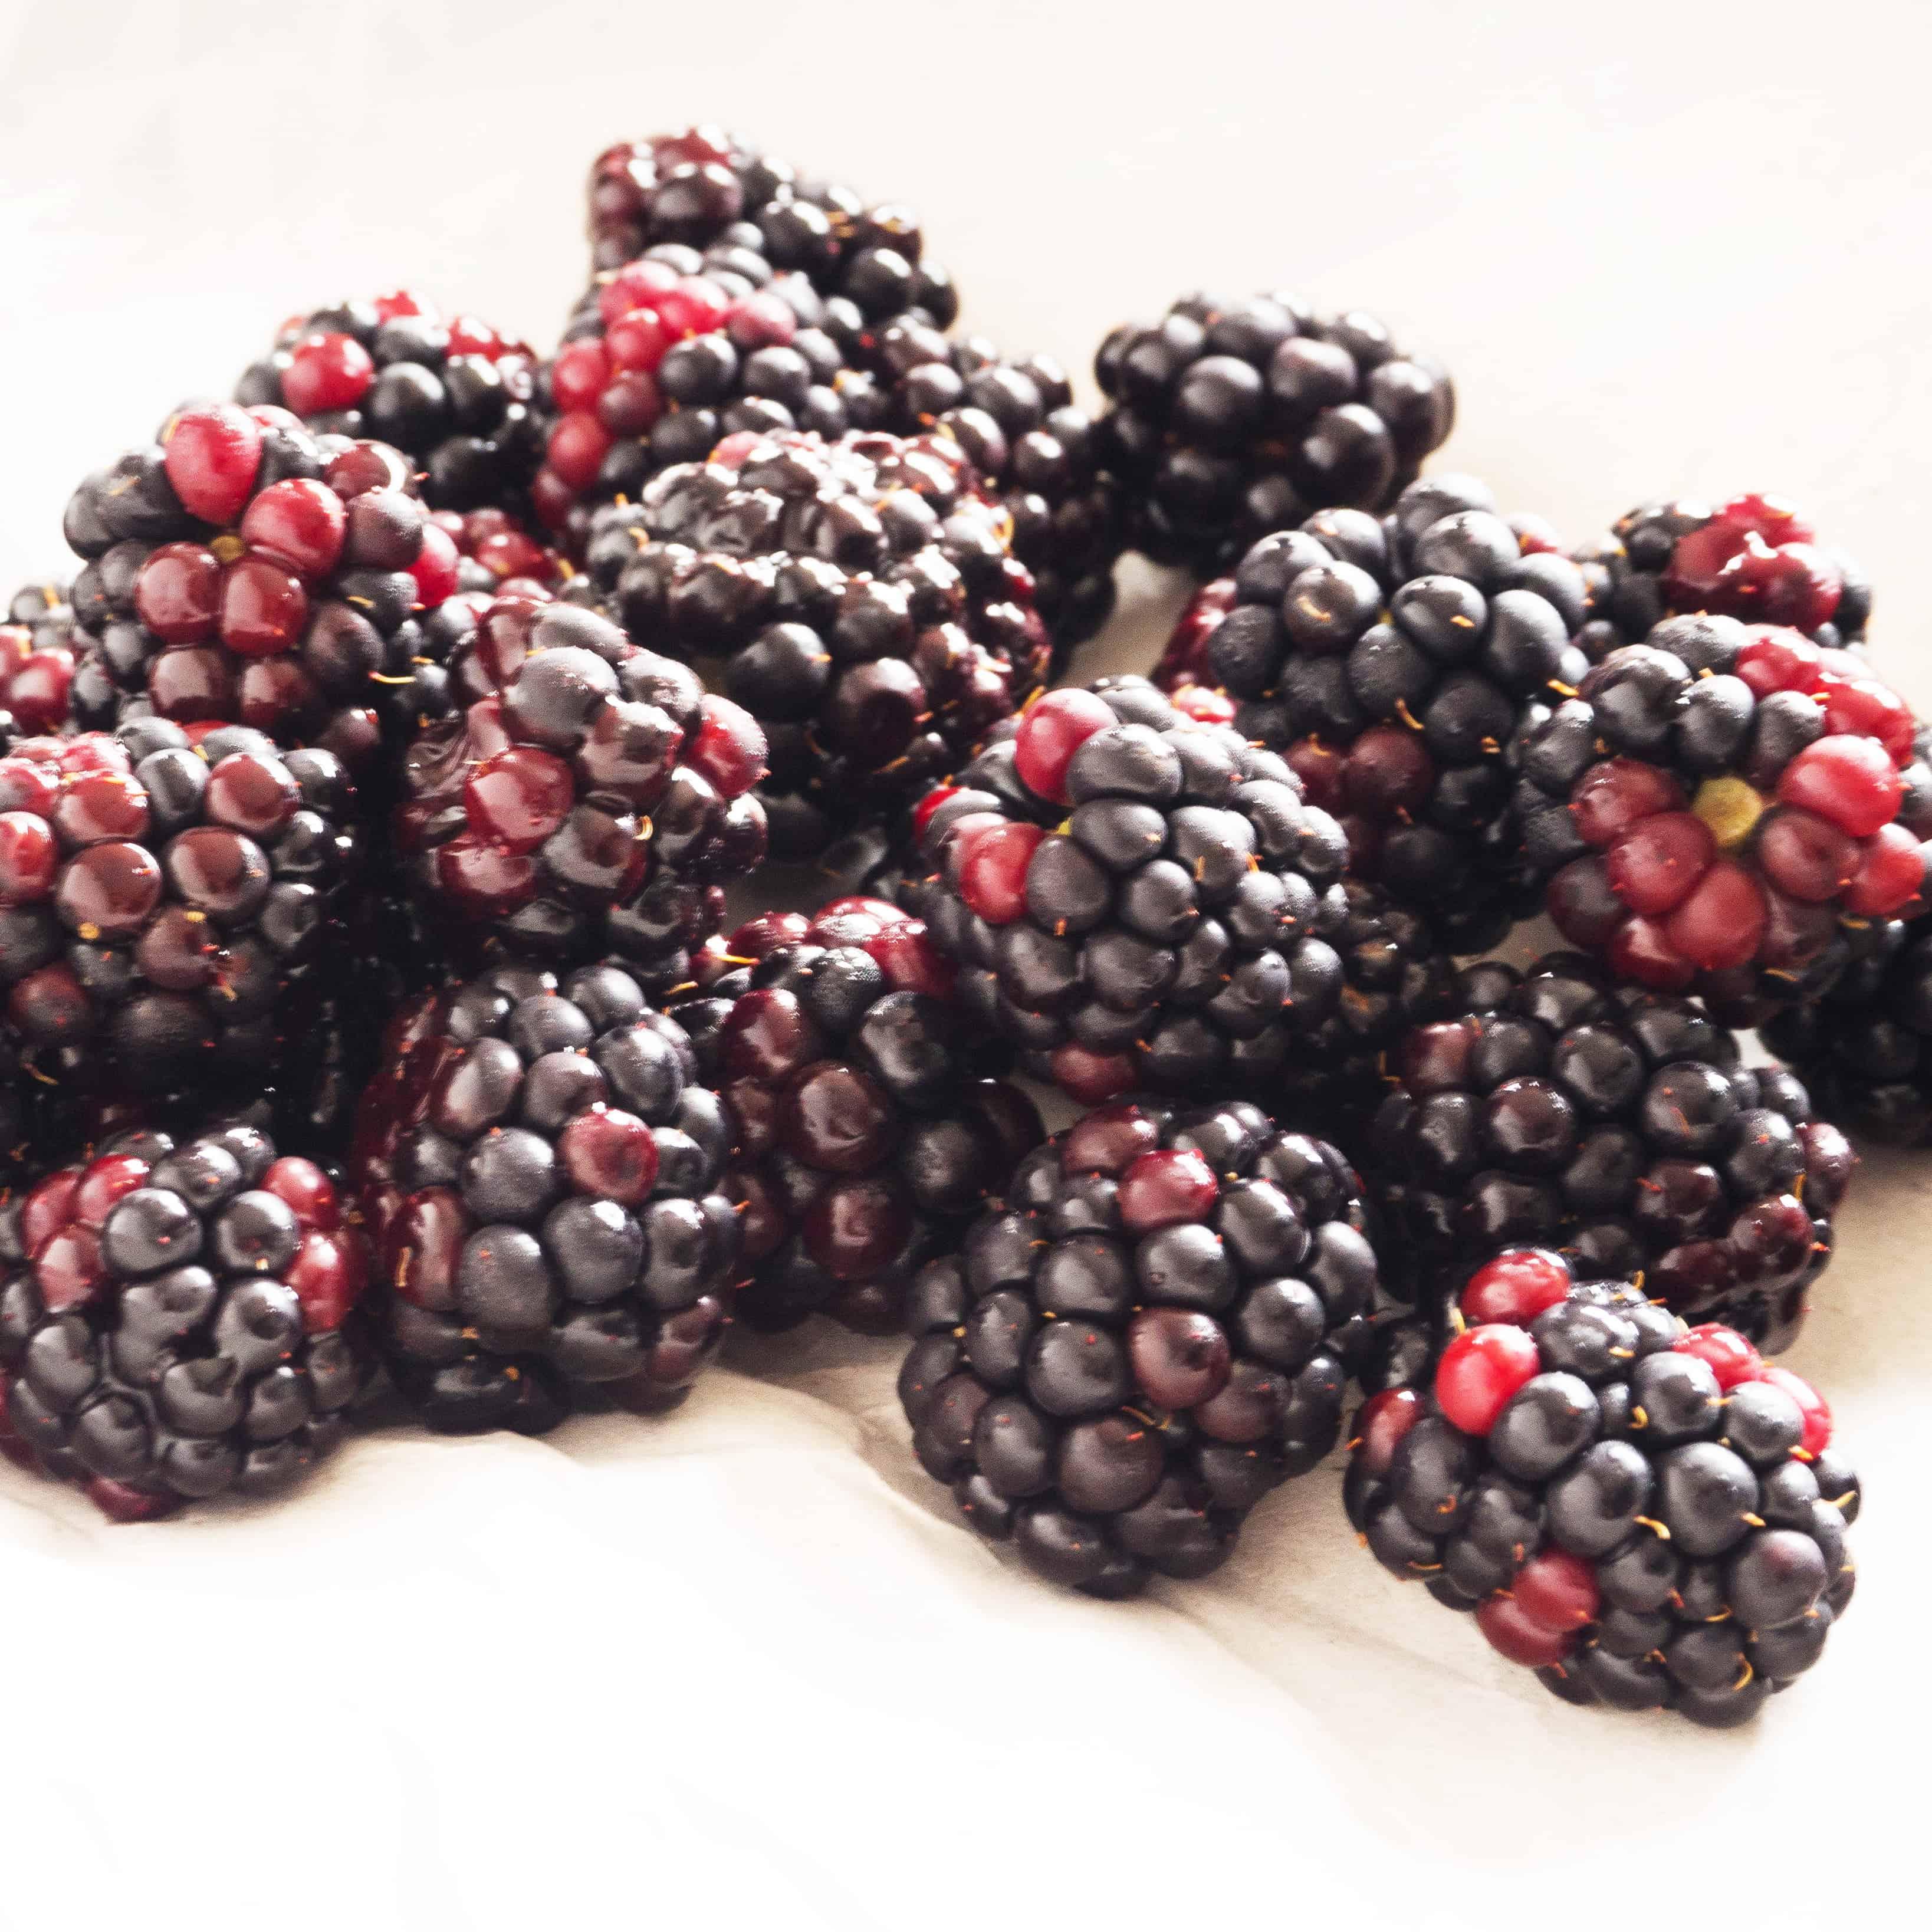 Seasonal British Blackberries. Gluten-free, vegan, allergy-friendly, seasonal